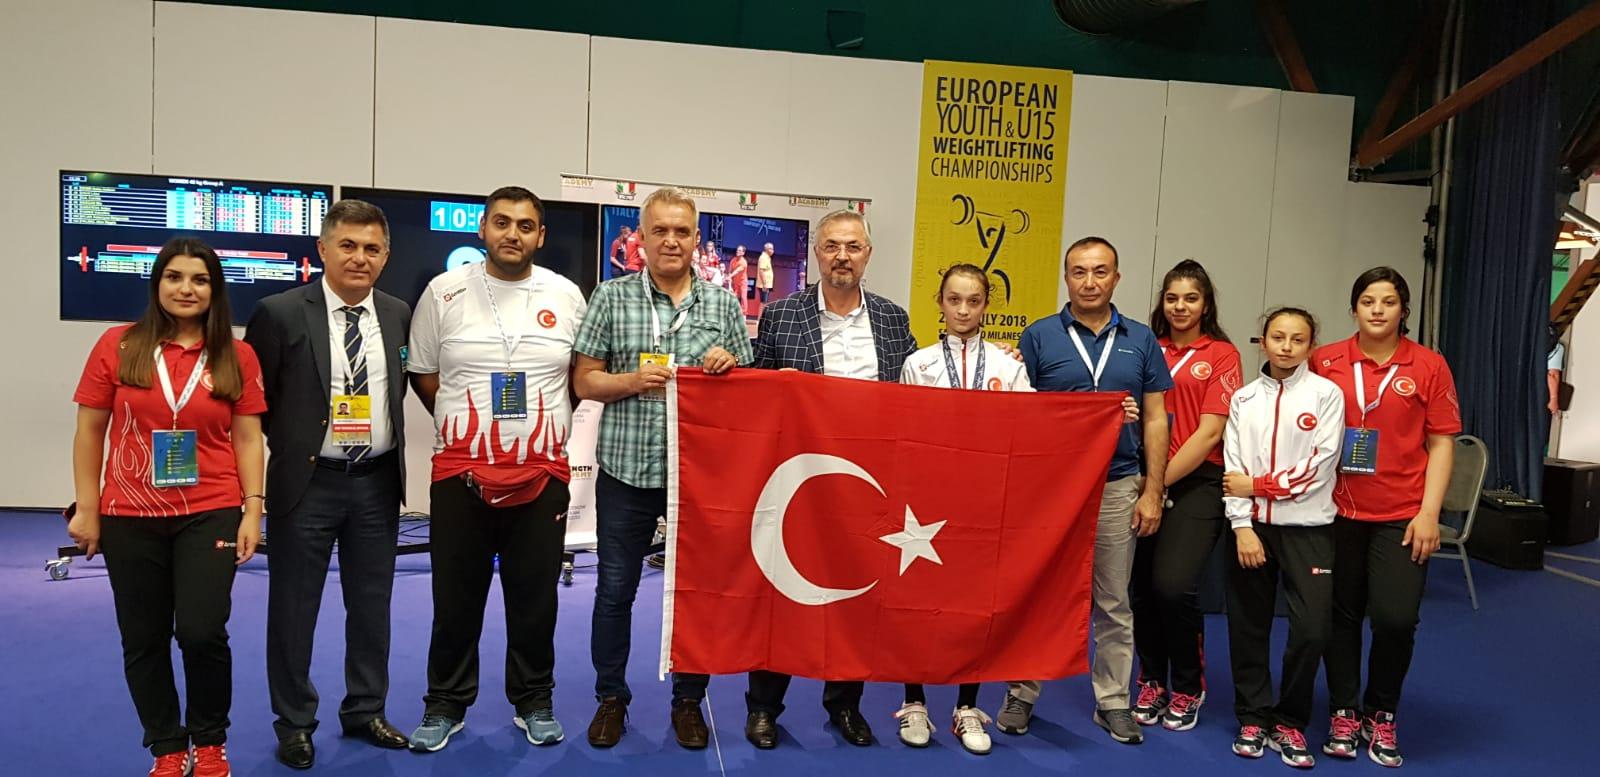 Yıldızlar ve U15 Avrupa Halter Şampiyonası'nda Madalya Yağmuru